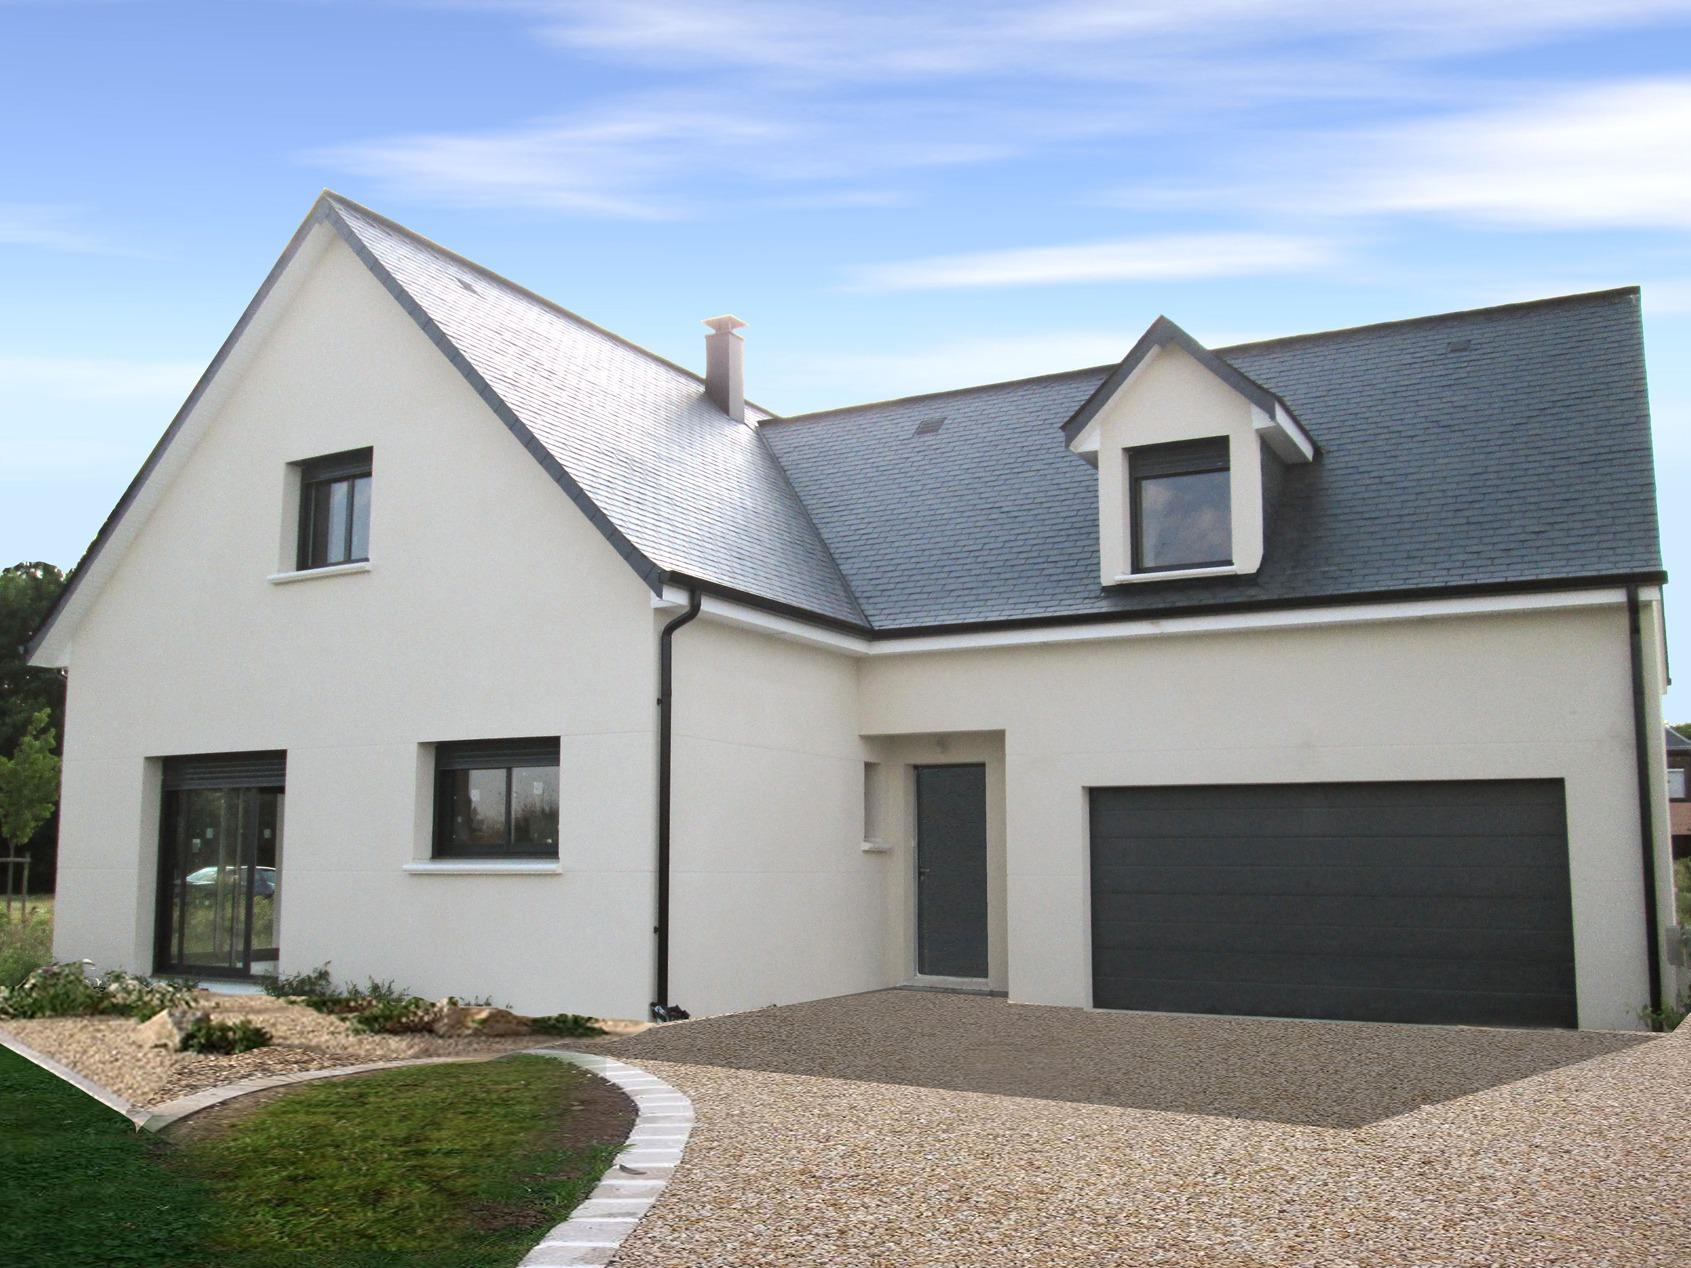 Maisons + Terrains du constructeur MAISON CASTOR • 130 m² • LES BAUX SAINTE CROIX